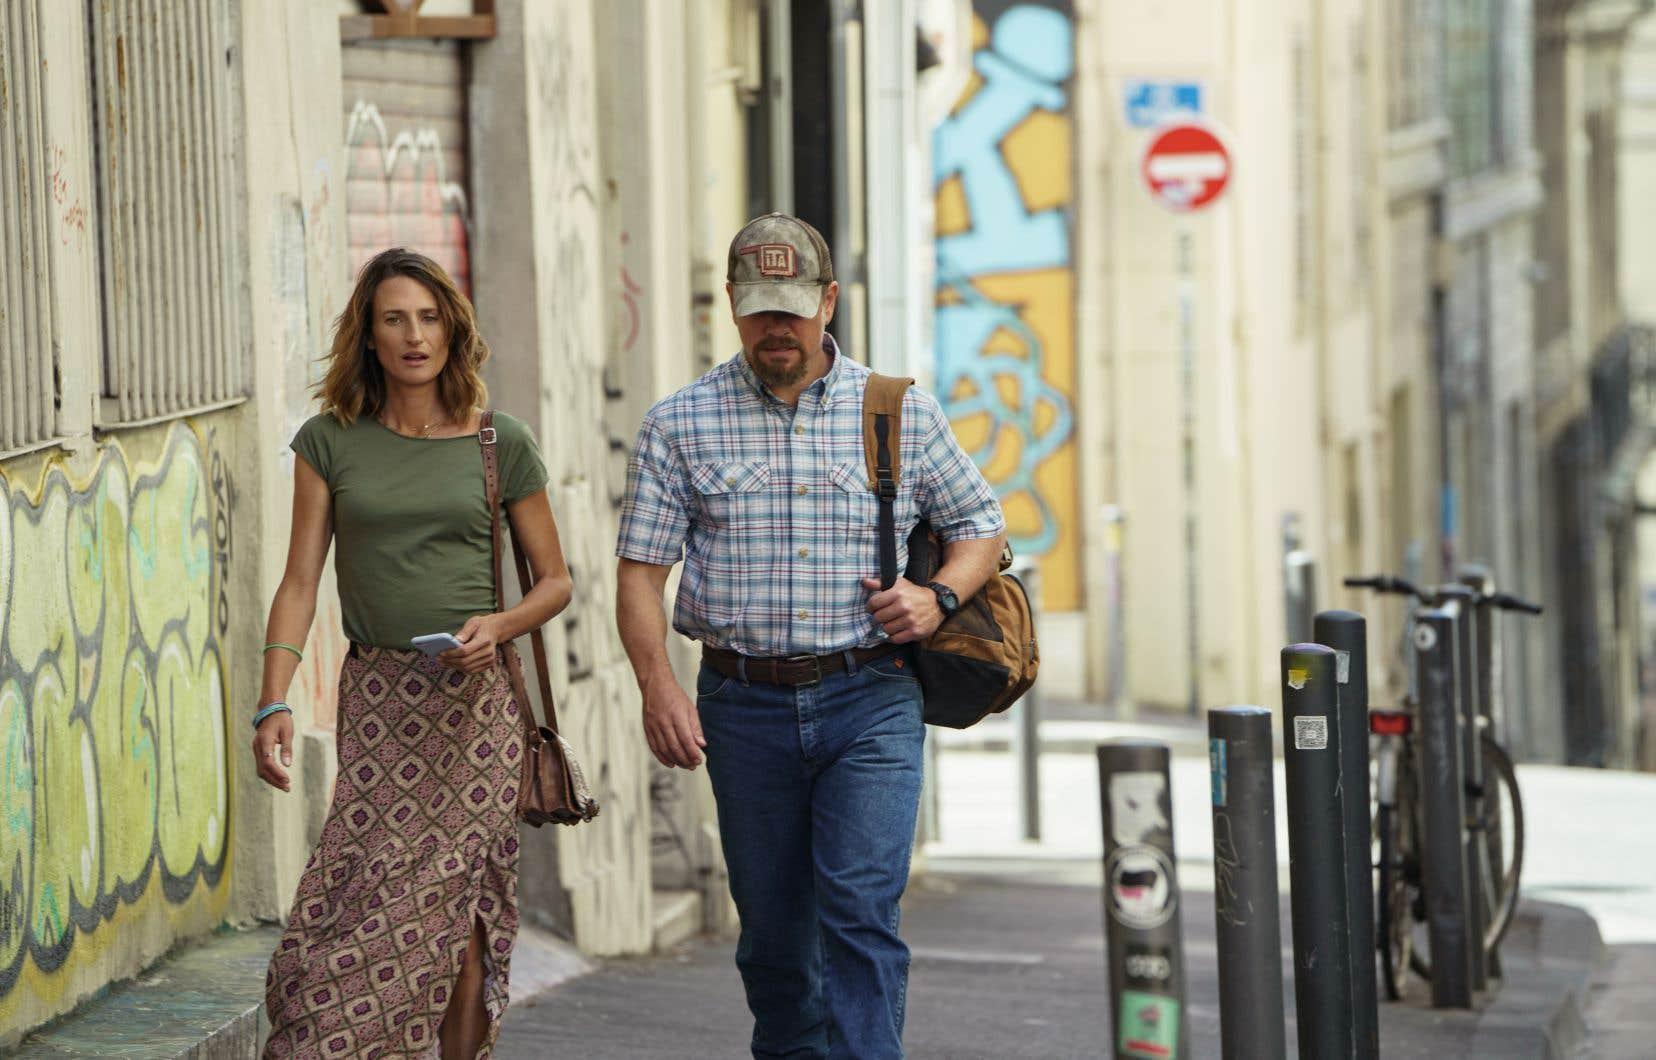 Camille Cottin dans le rôle de Virginie et Matt Damon dans le rôle de Bill. Mais il faut reconnaître que le personnage principal de «Stillwater» est la ville de Marseille. Le soleil et la mer, l'architecture, l'art de vivre, mais surtout la fibre riche et tendue de cette collectivité.